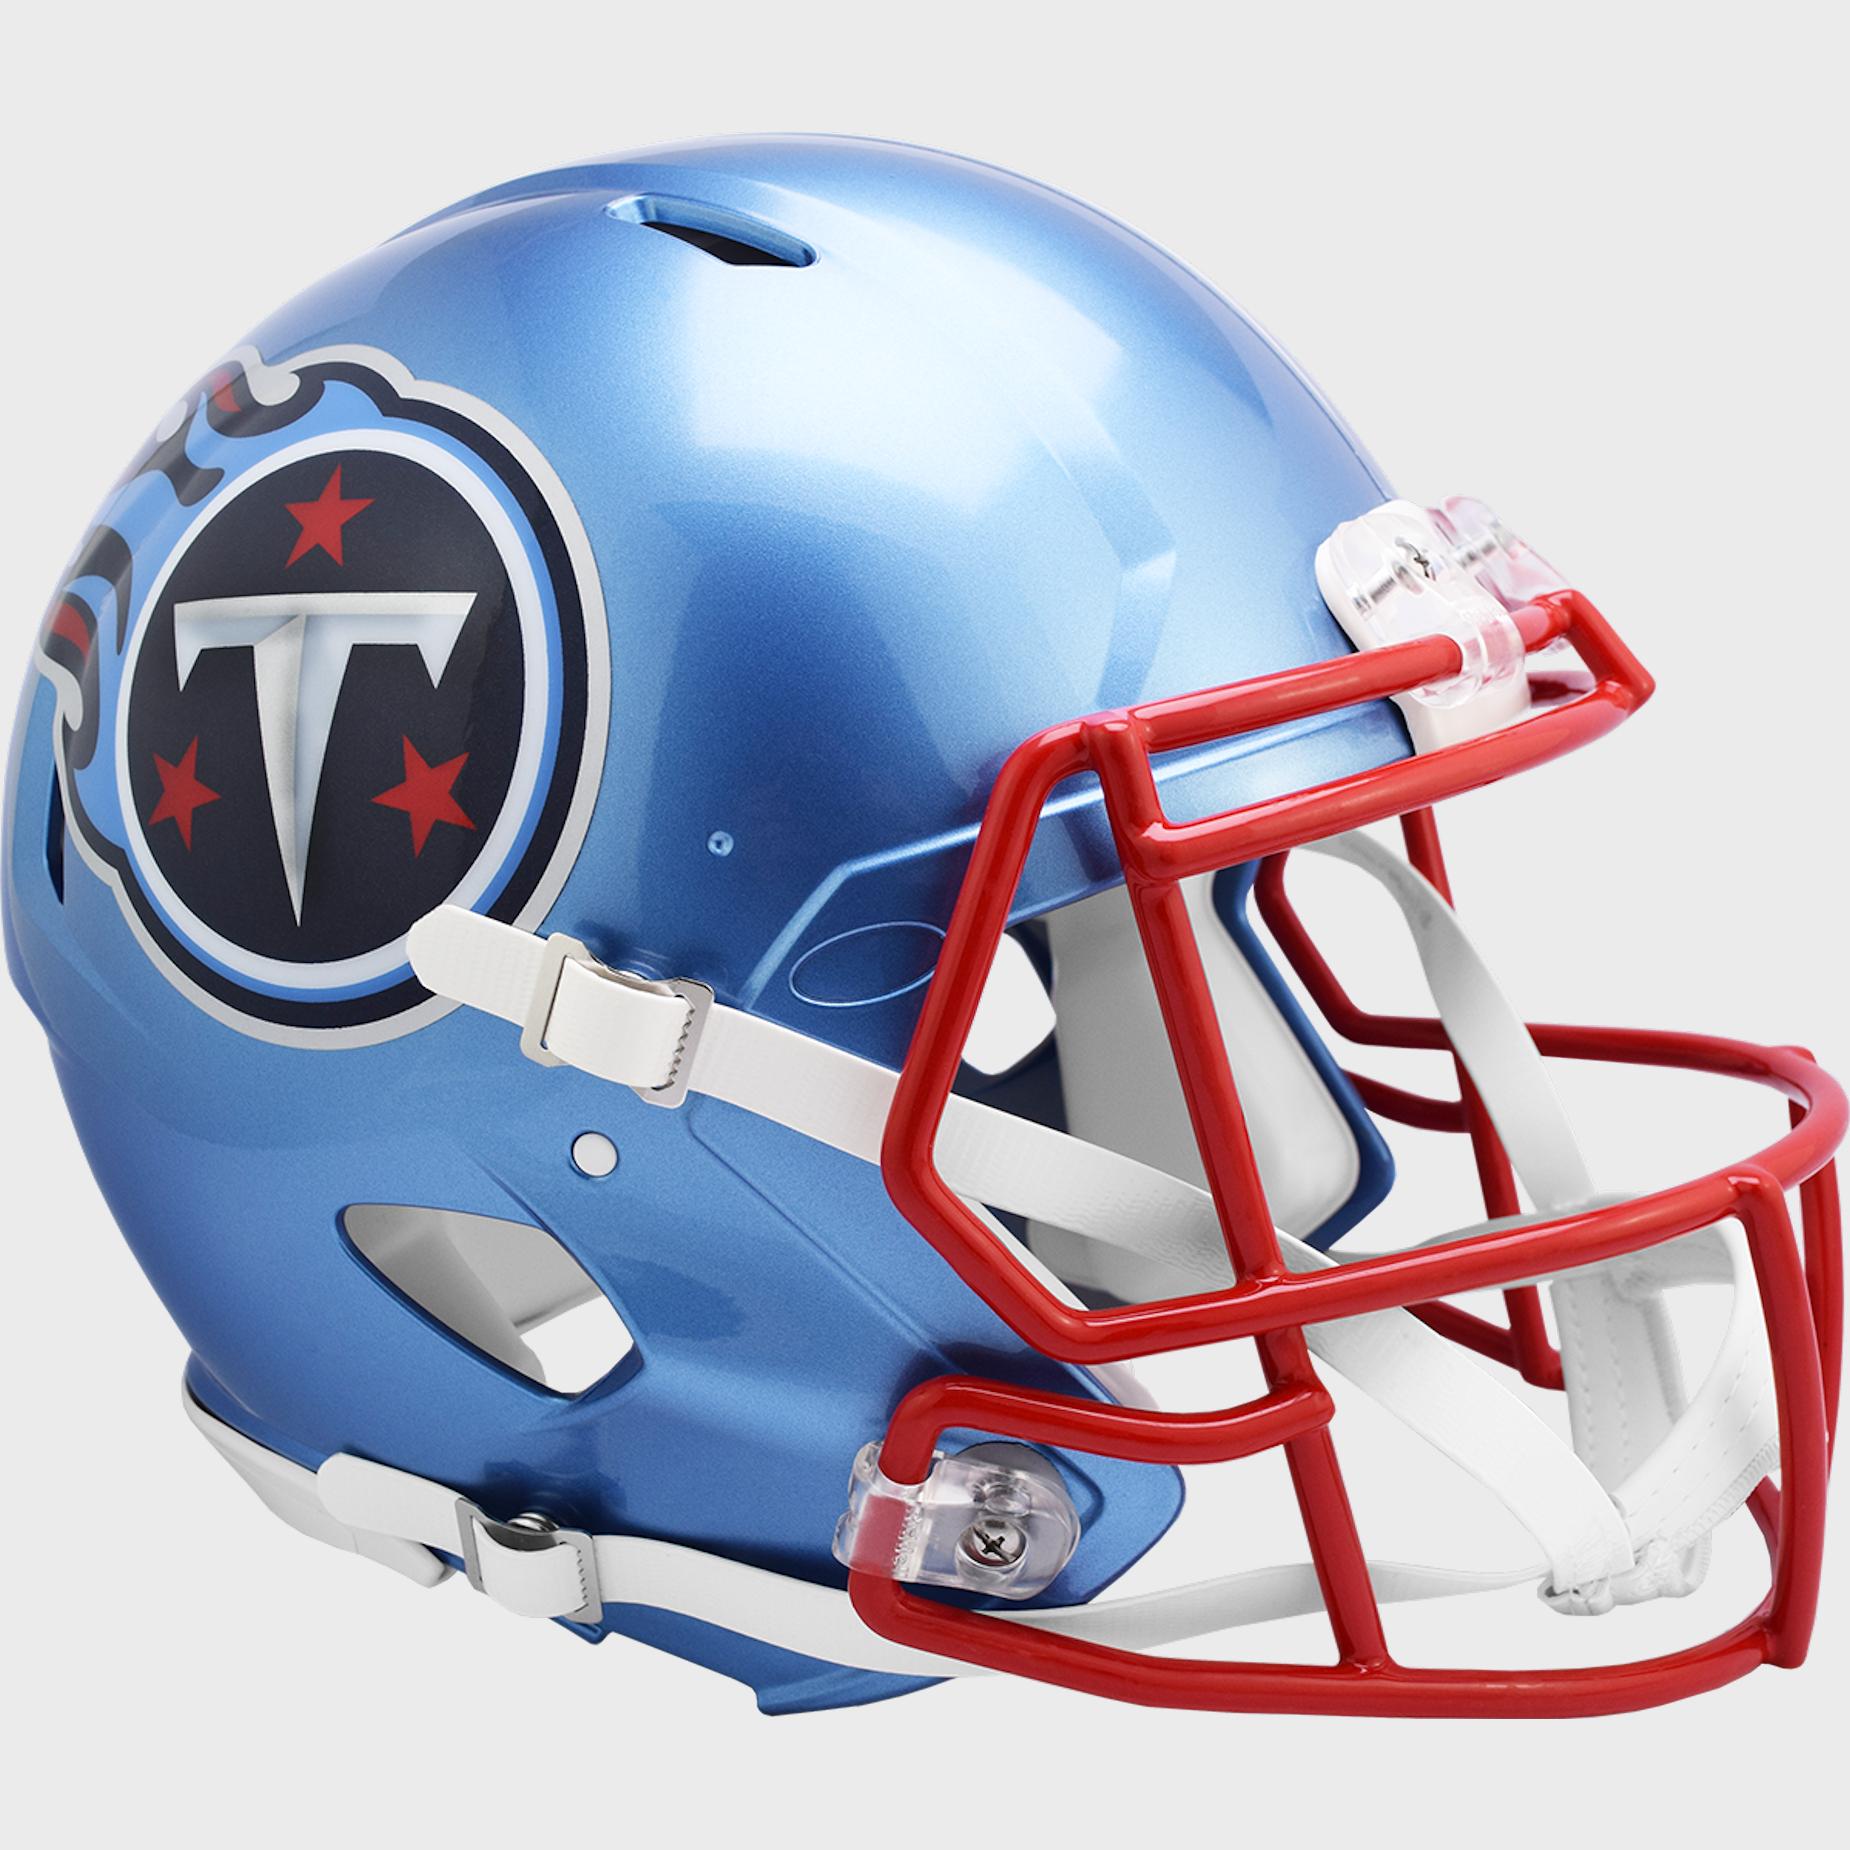 Tennessee Titans Speed Football Helmet <B>FLASH ESD 8/21/21</B>